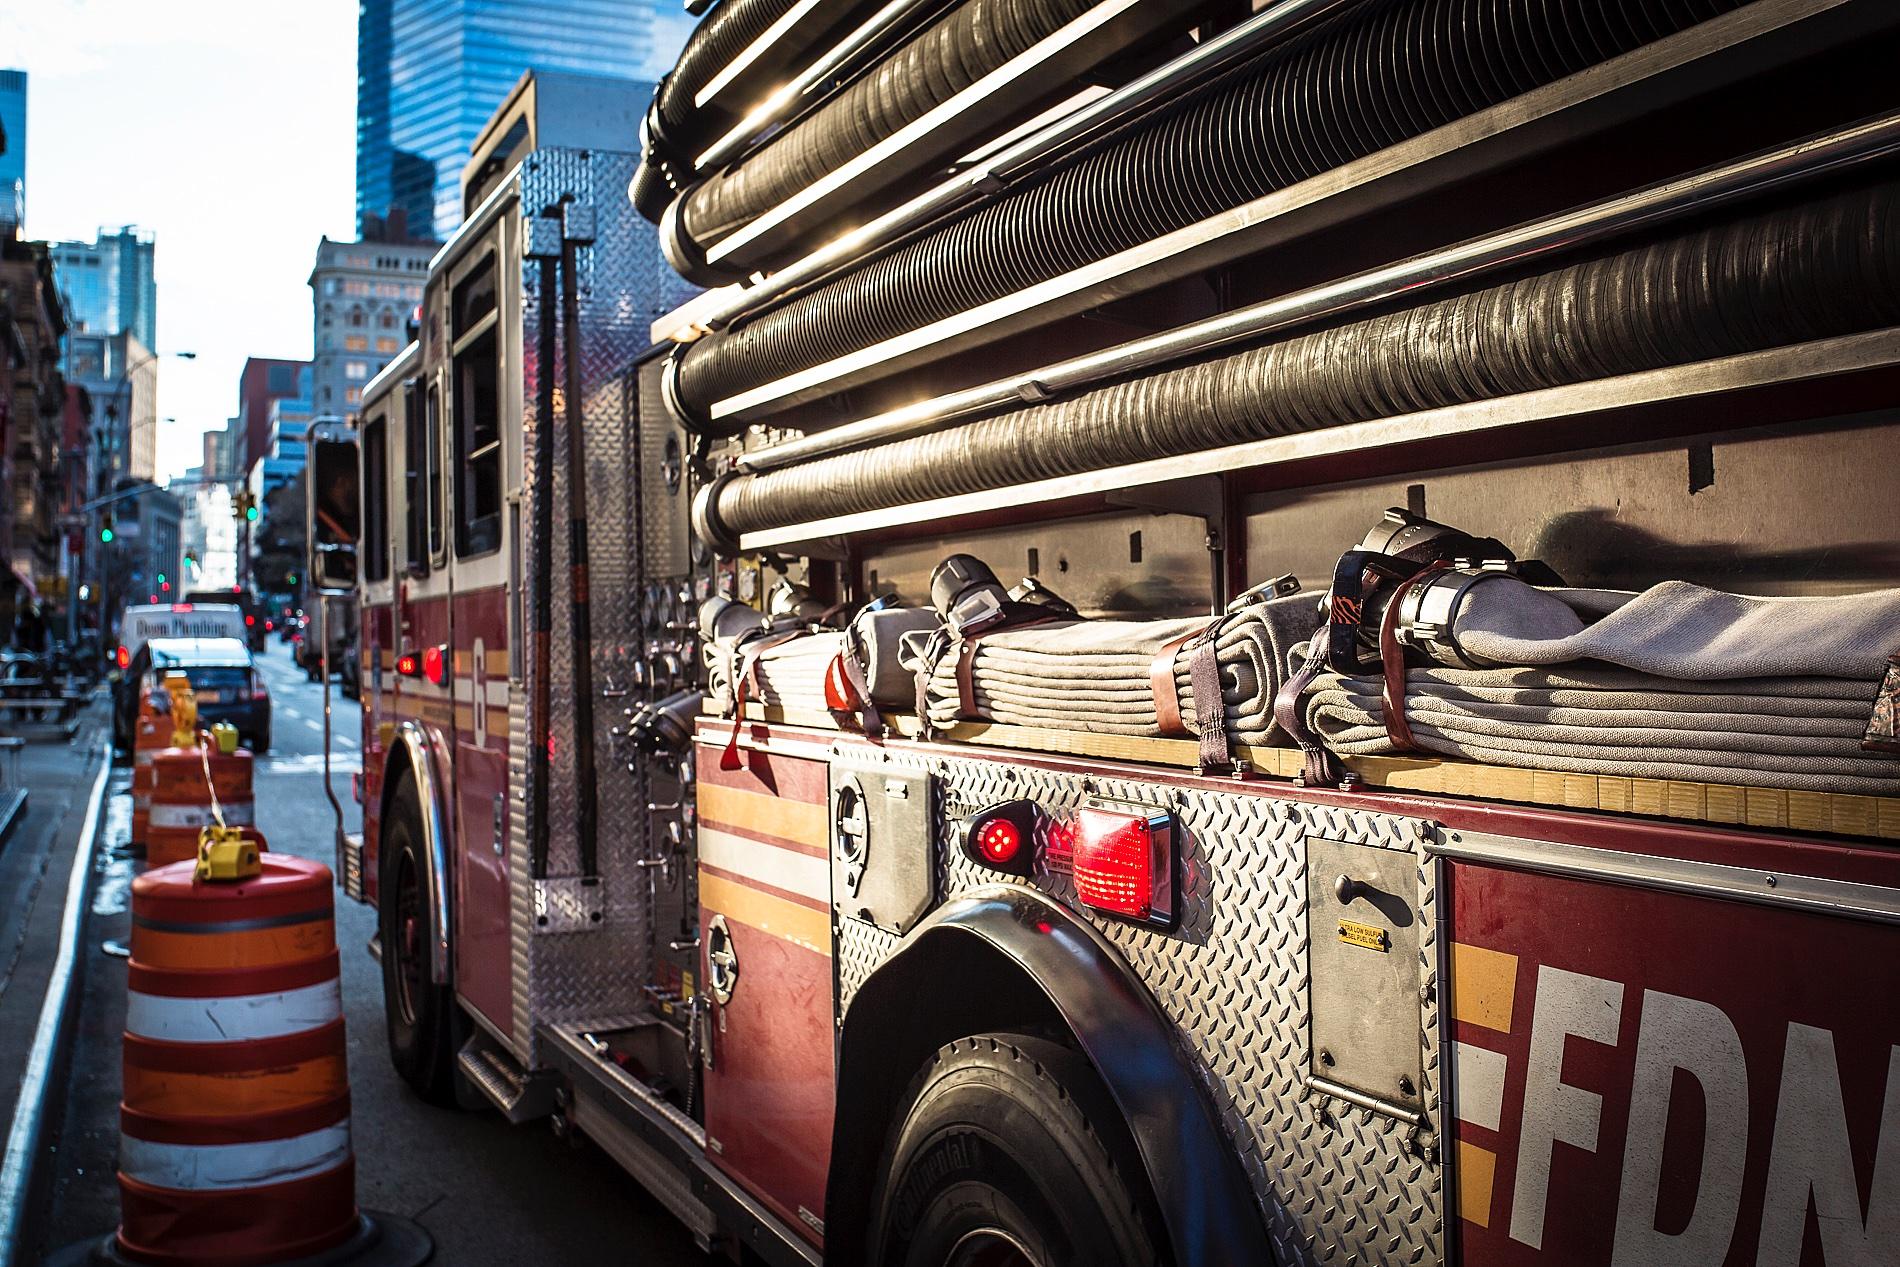 firetruck lower manhattan